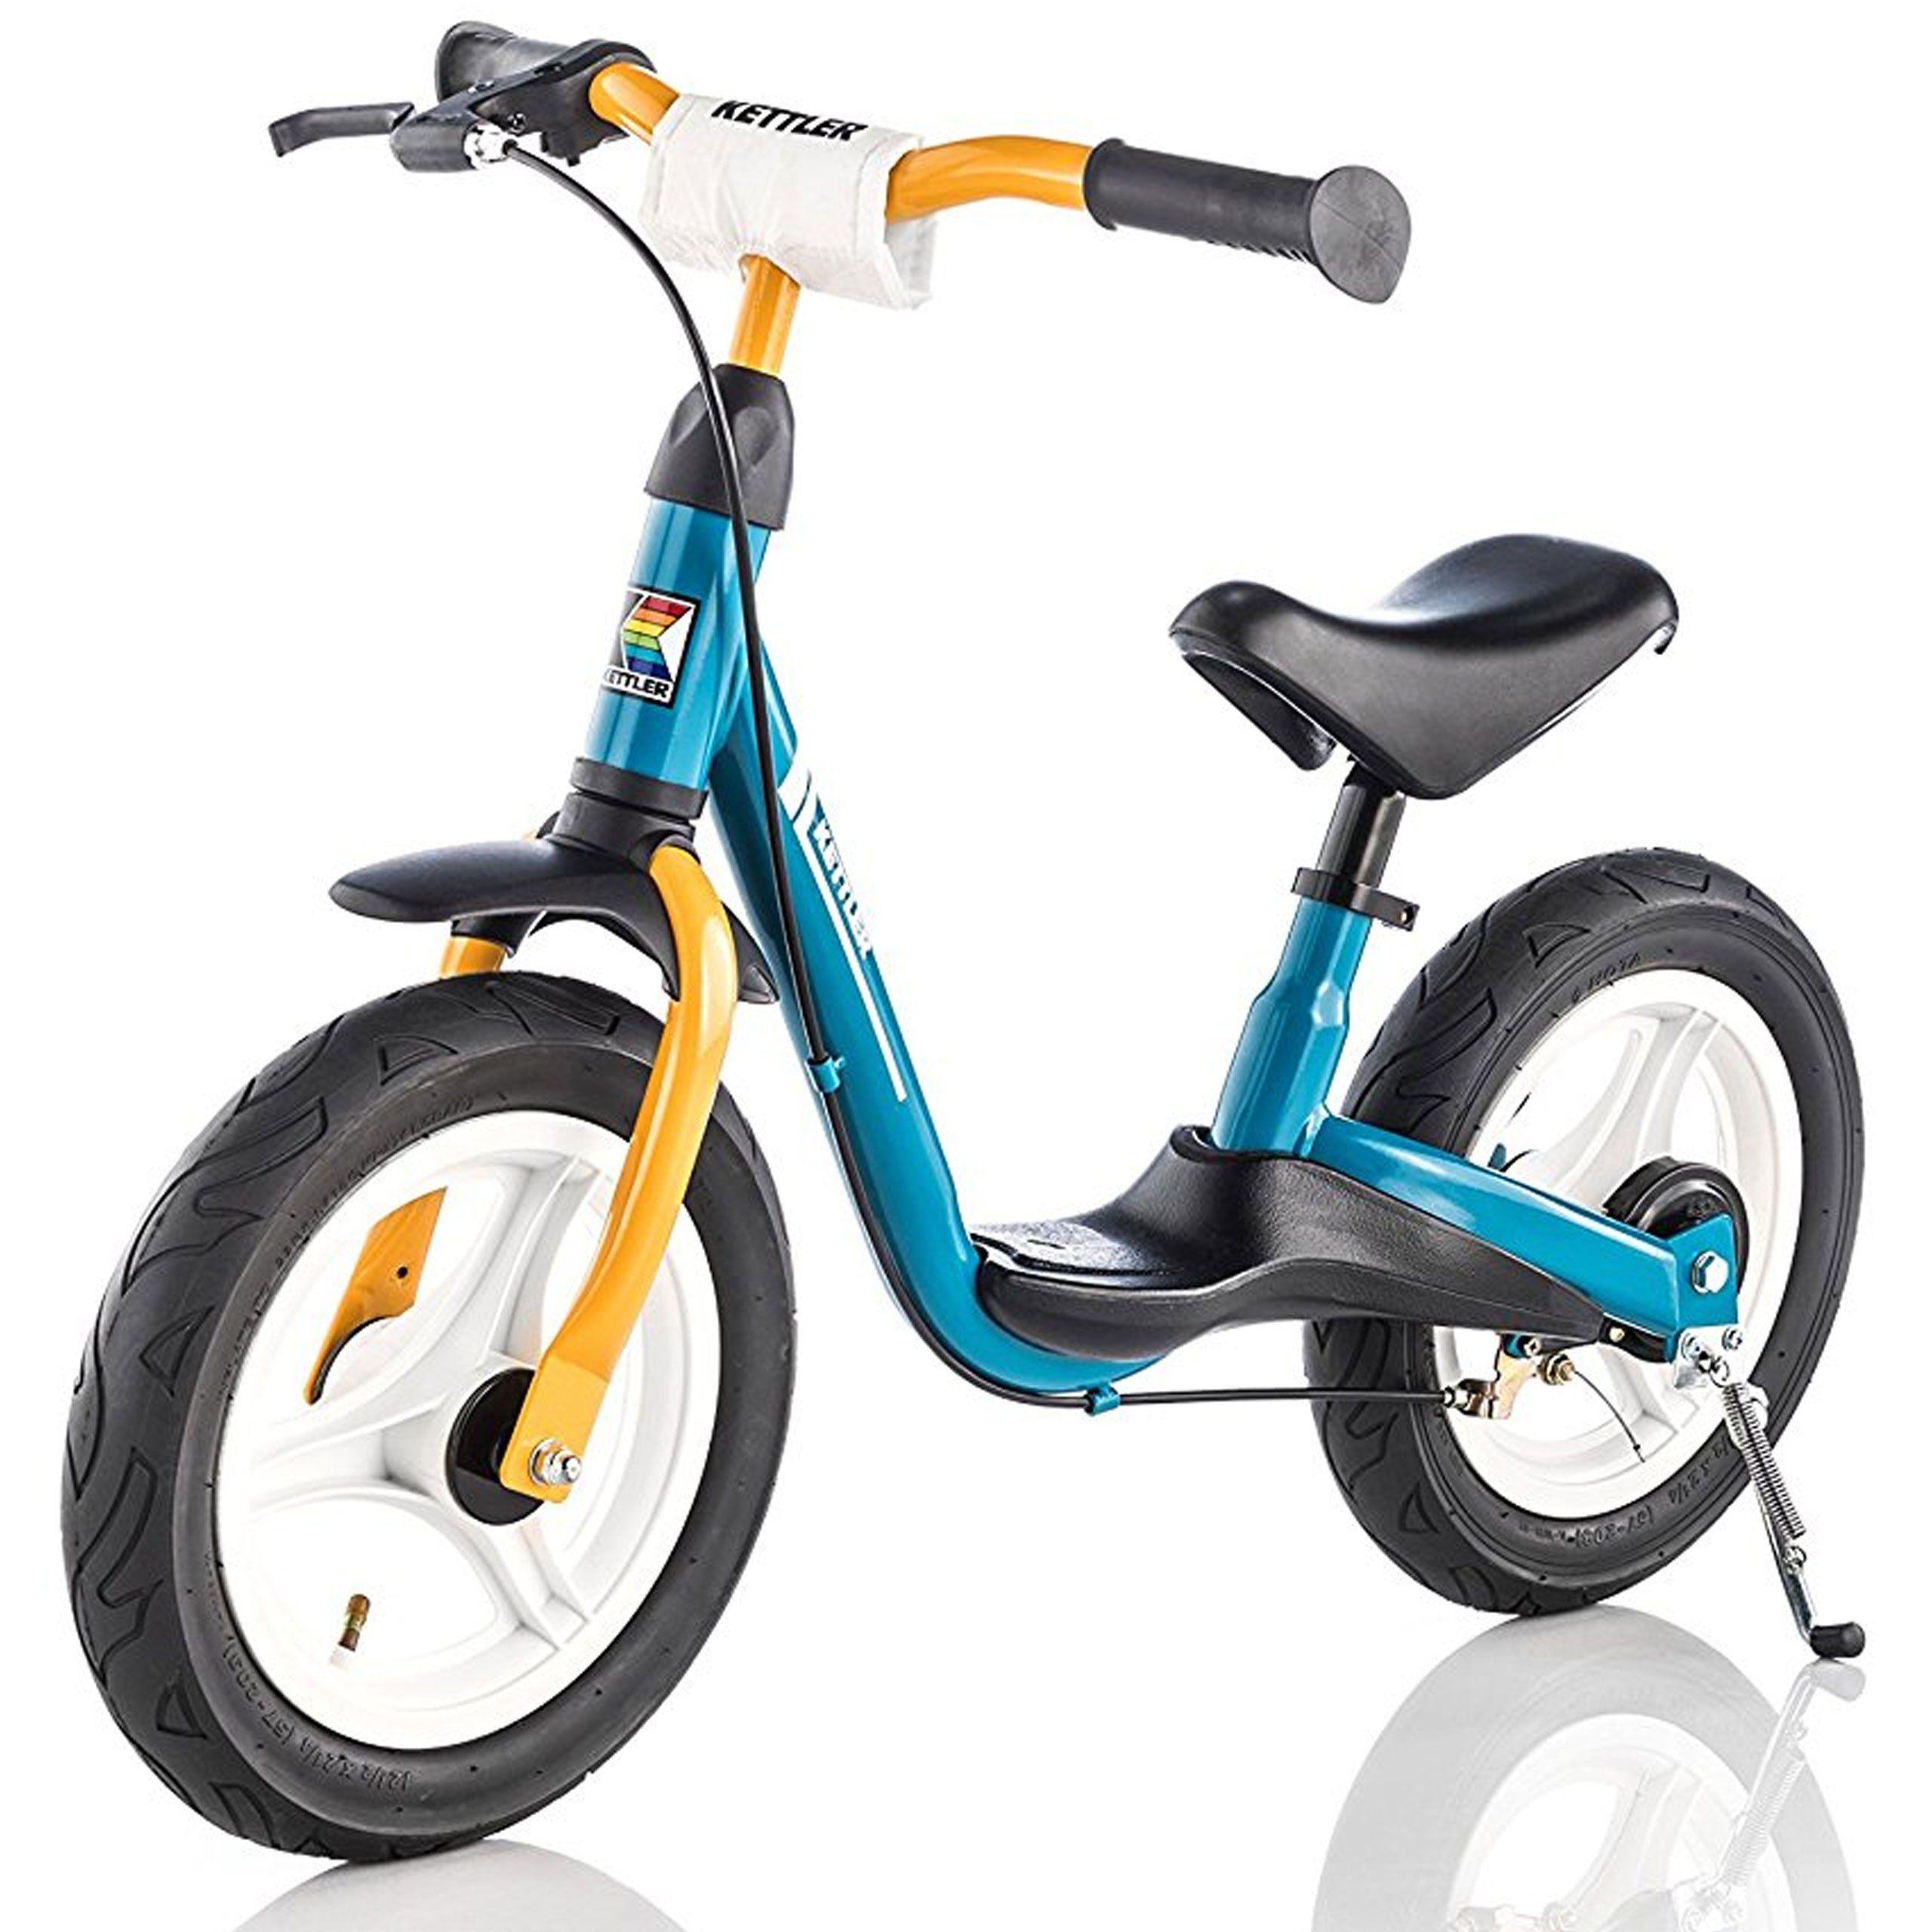 Kettler Rowerek Biegowy 12 5 Brykacze Pl Internetowy Sklep Z Zabawkami Dla Dzieci Spirit Air Kettler Air